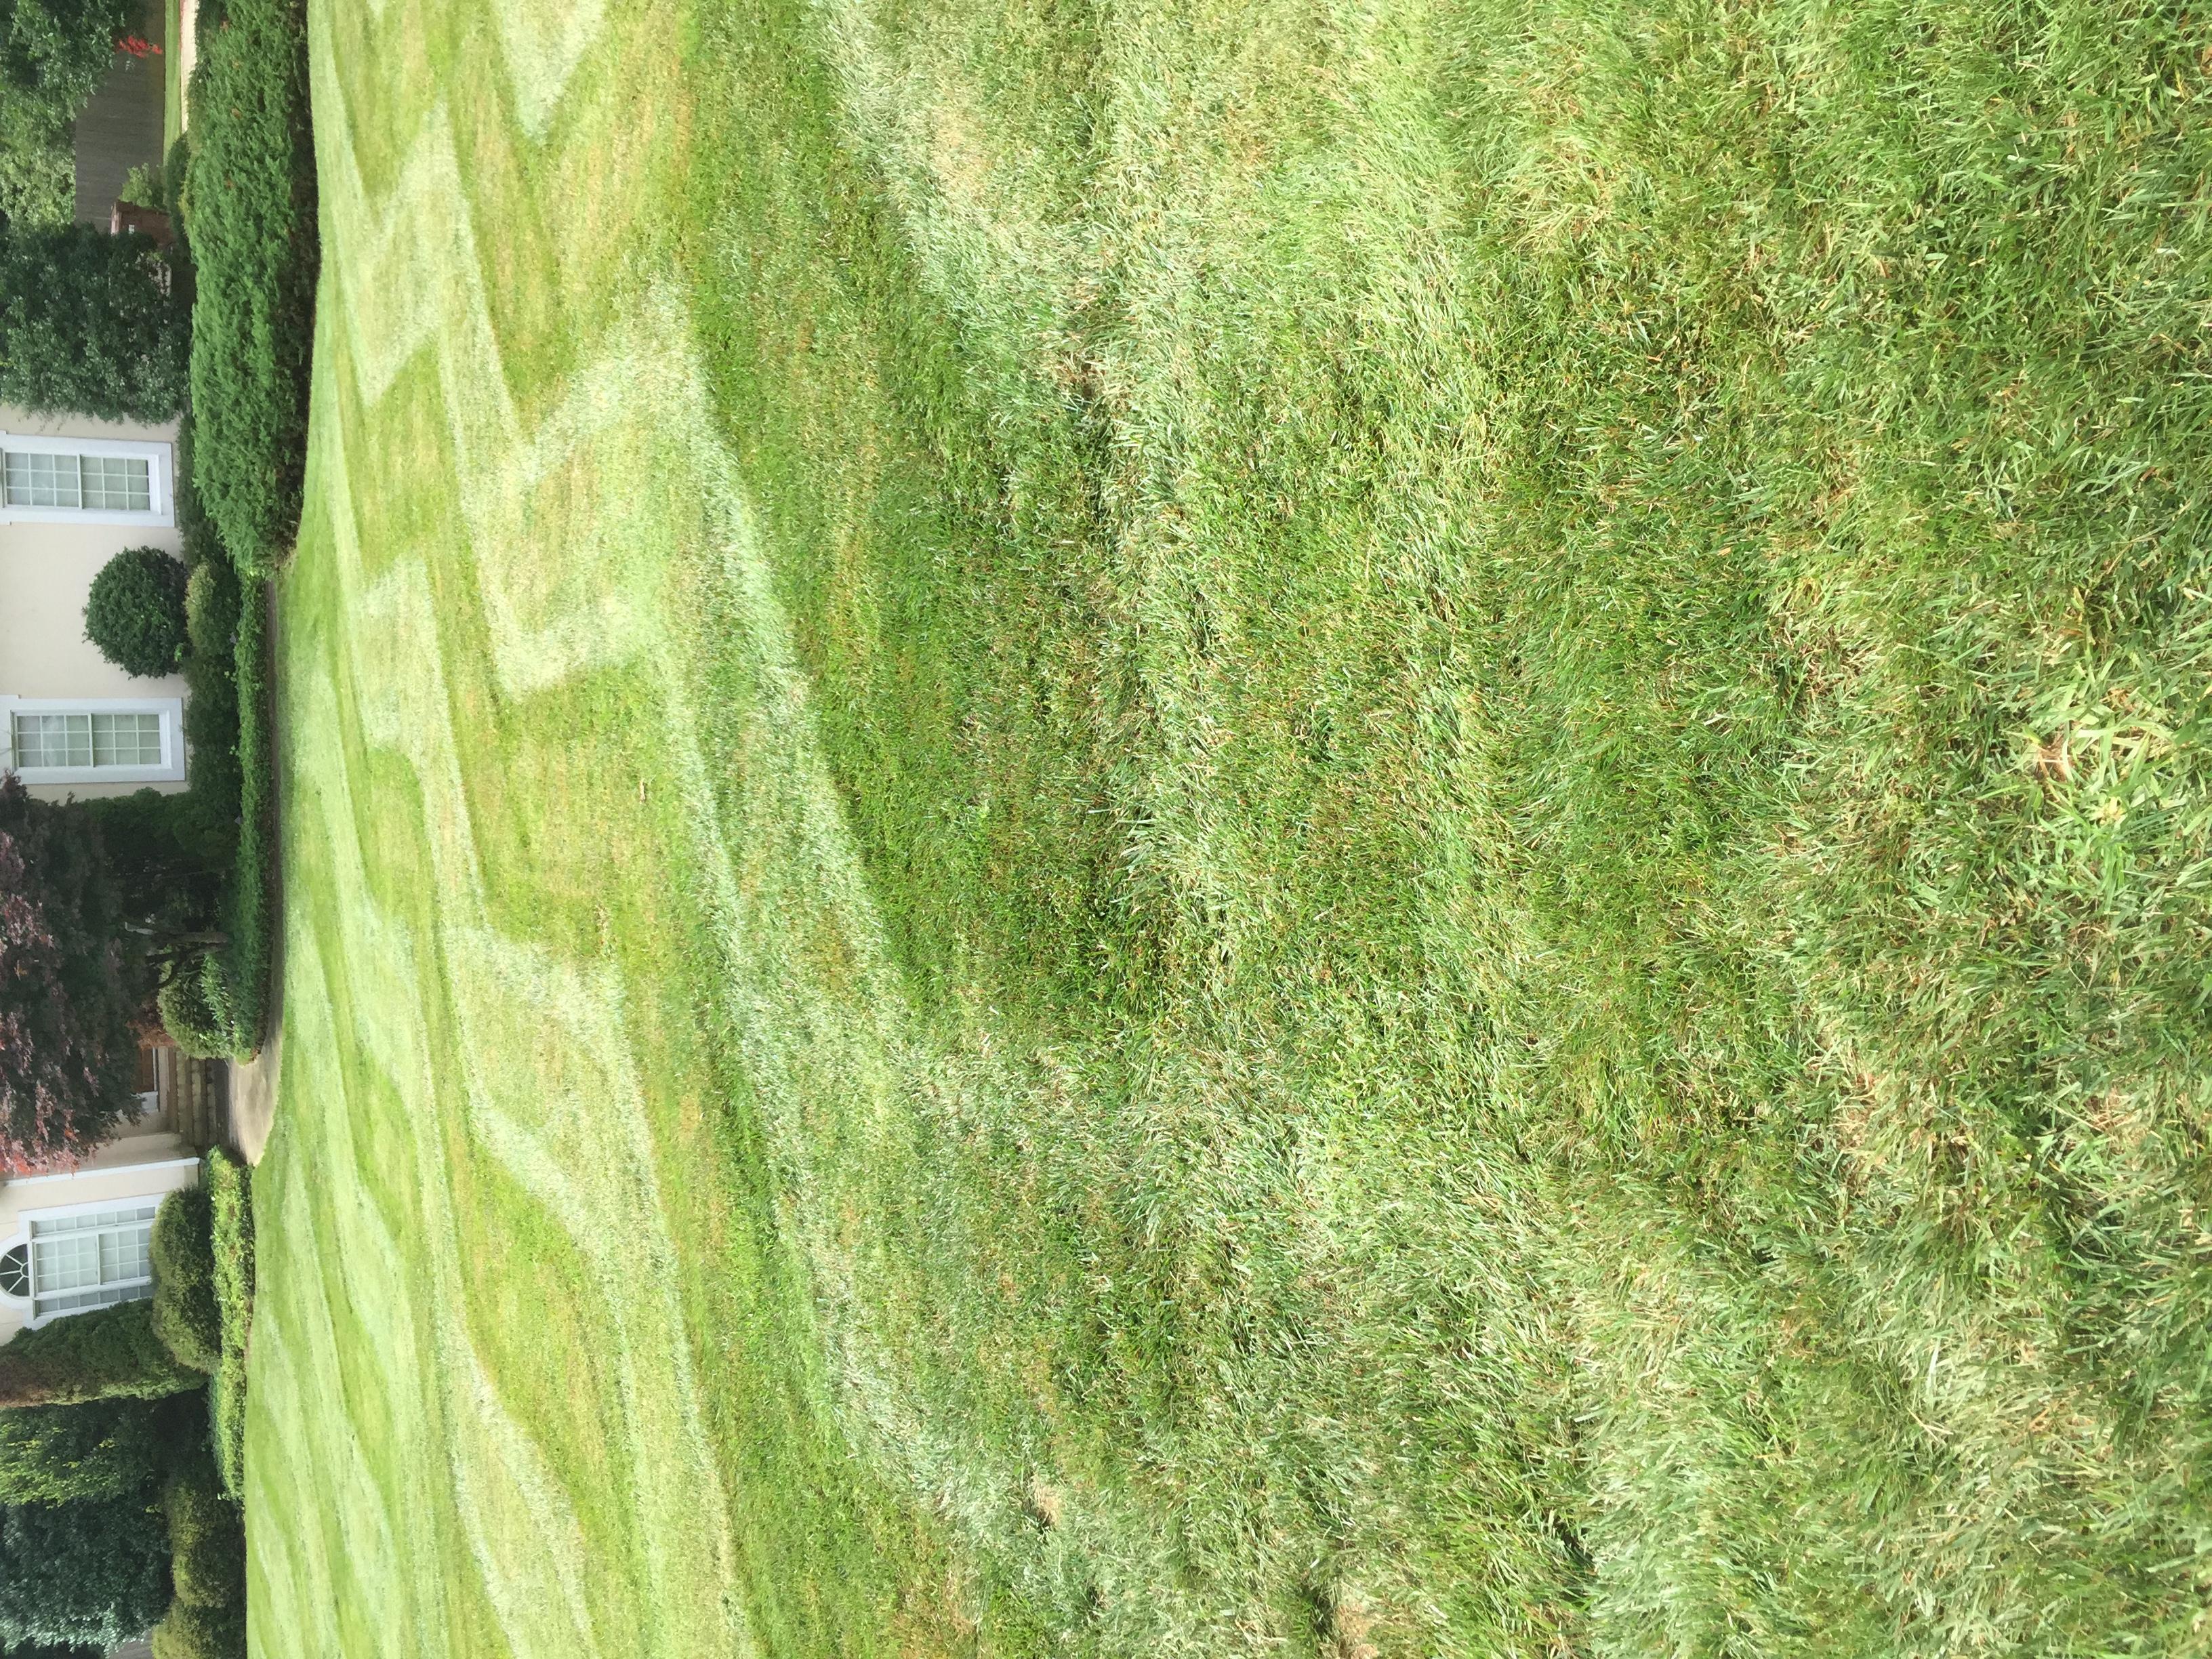 Lawn Care Service in Sophia, NC, 27350